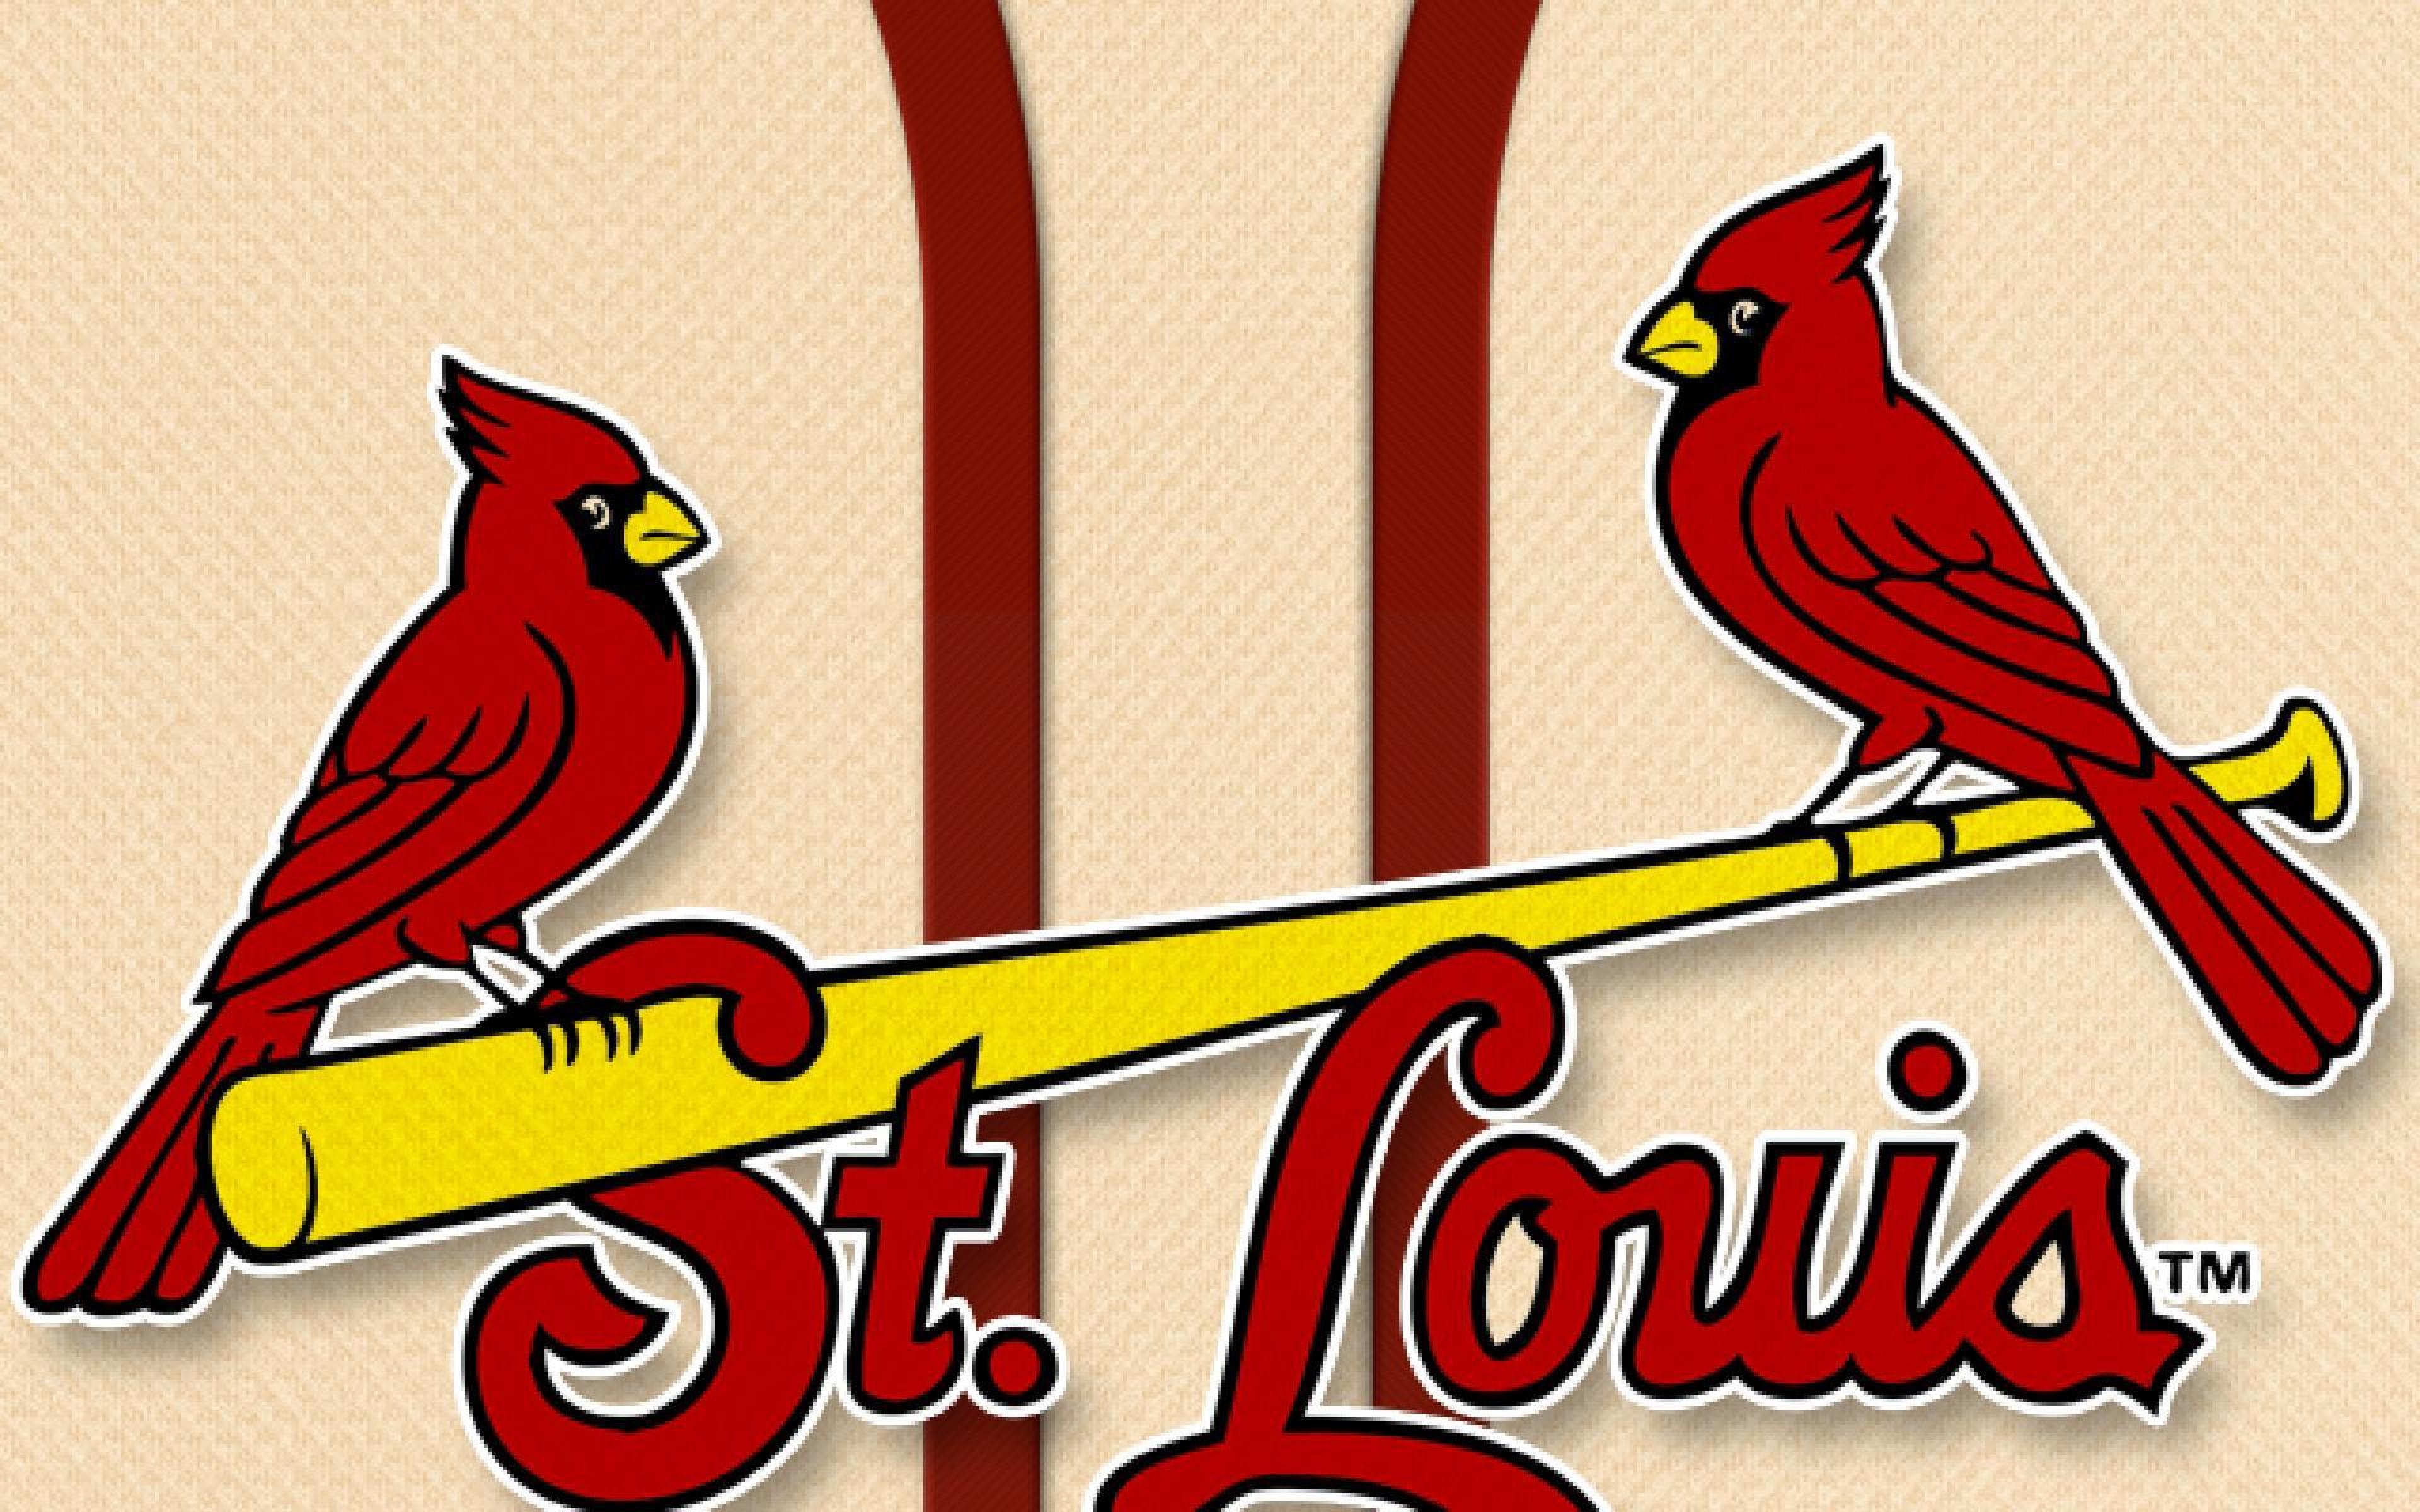 3840x2400 St Louis Cardinals Cardinals Baseball 4k 3840x2400